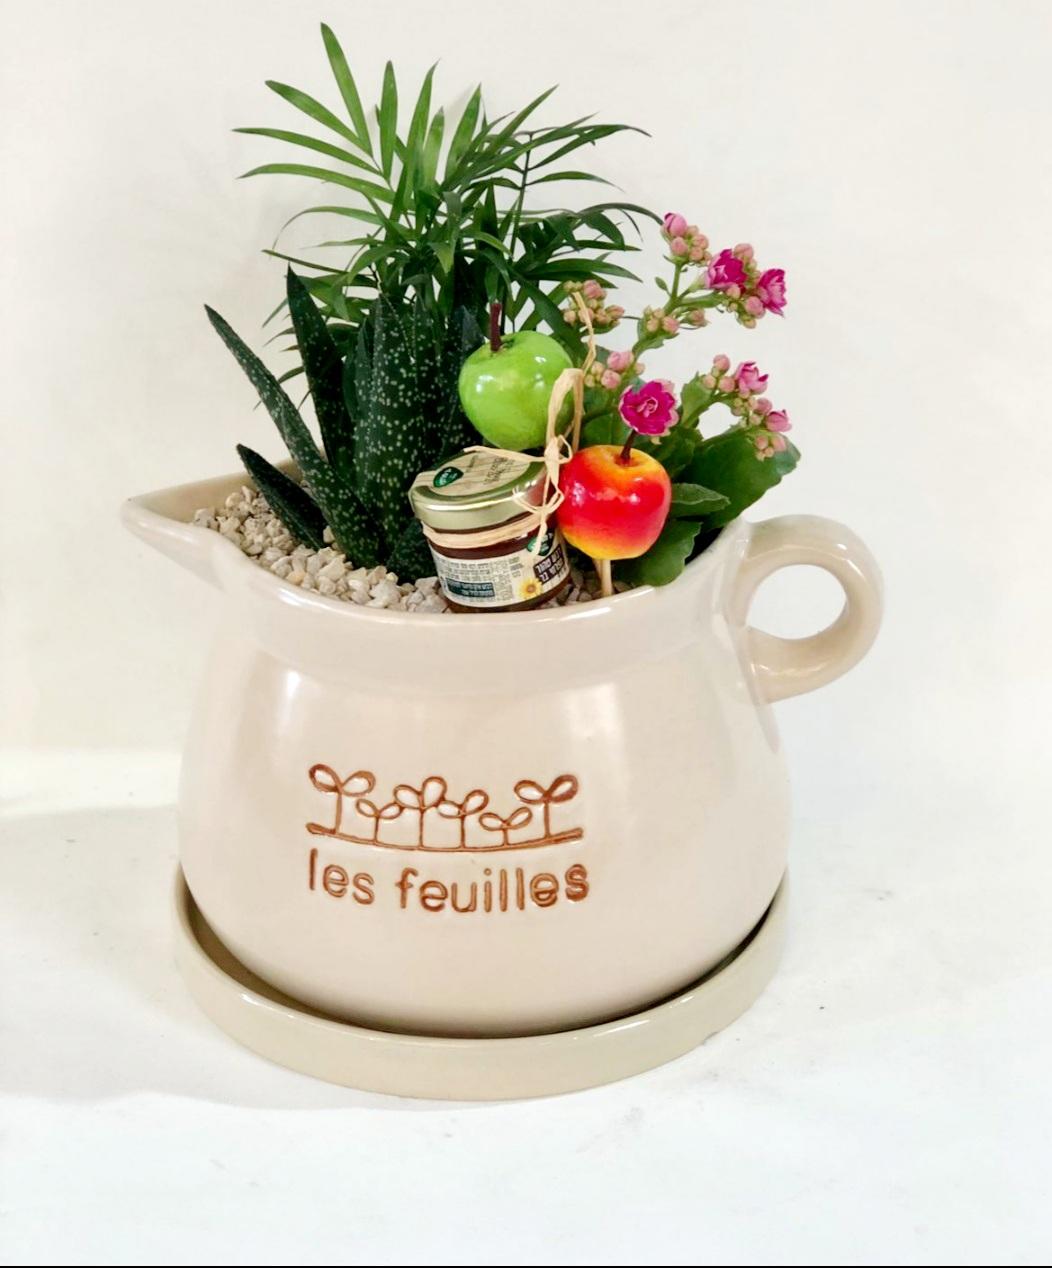 קוקטייל צמחים צבעוניים בכלי